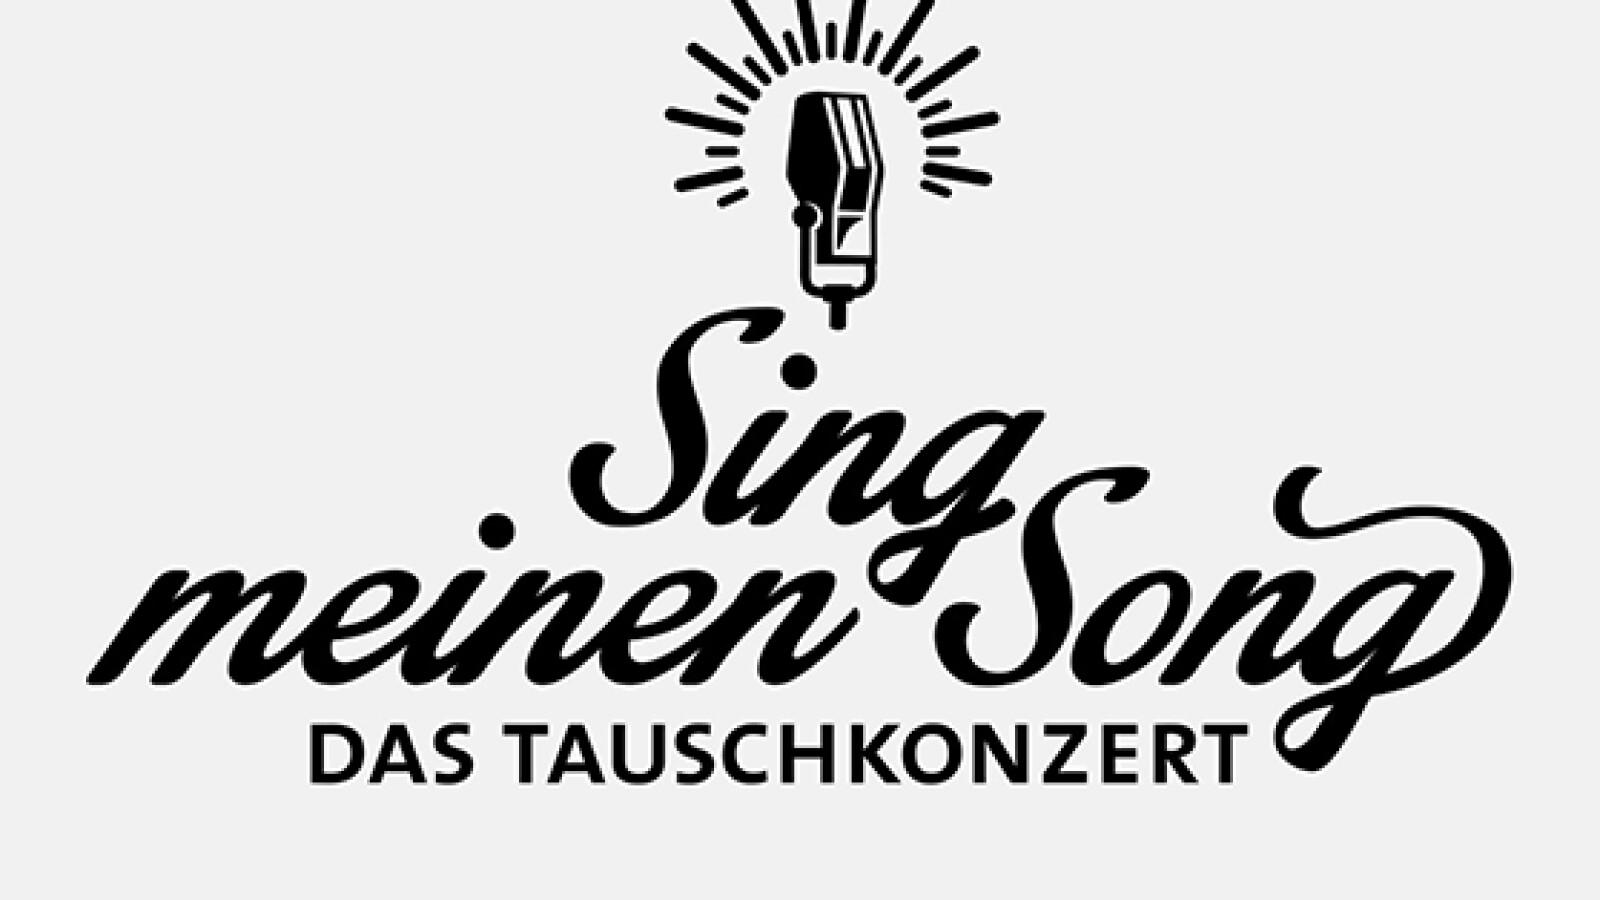 Sing meinen song staffel 4 online sehen